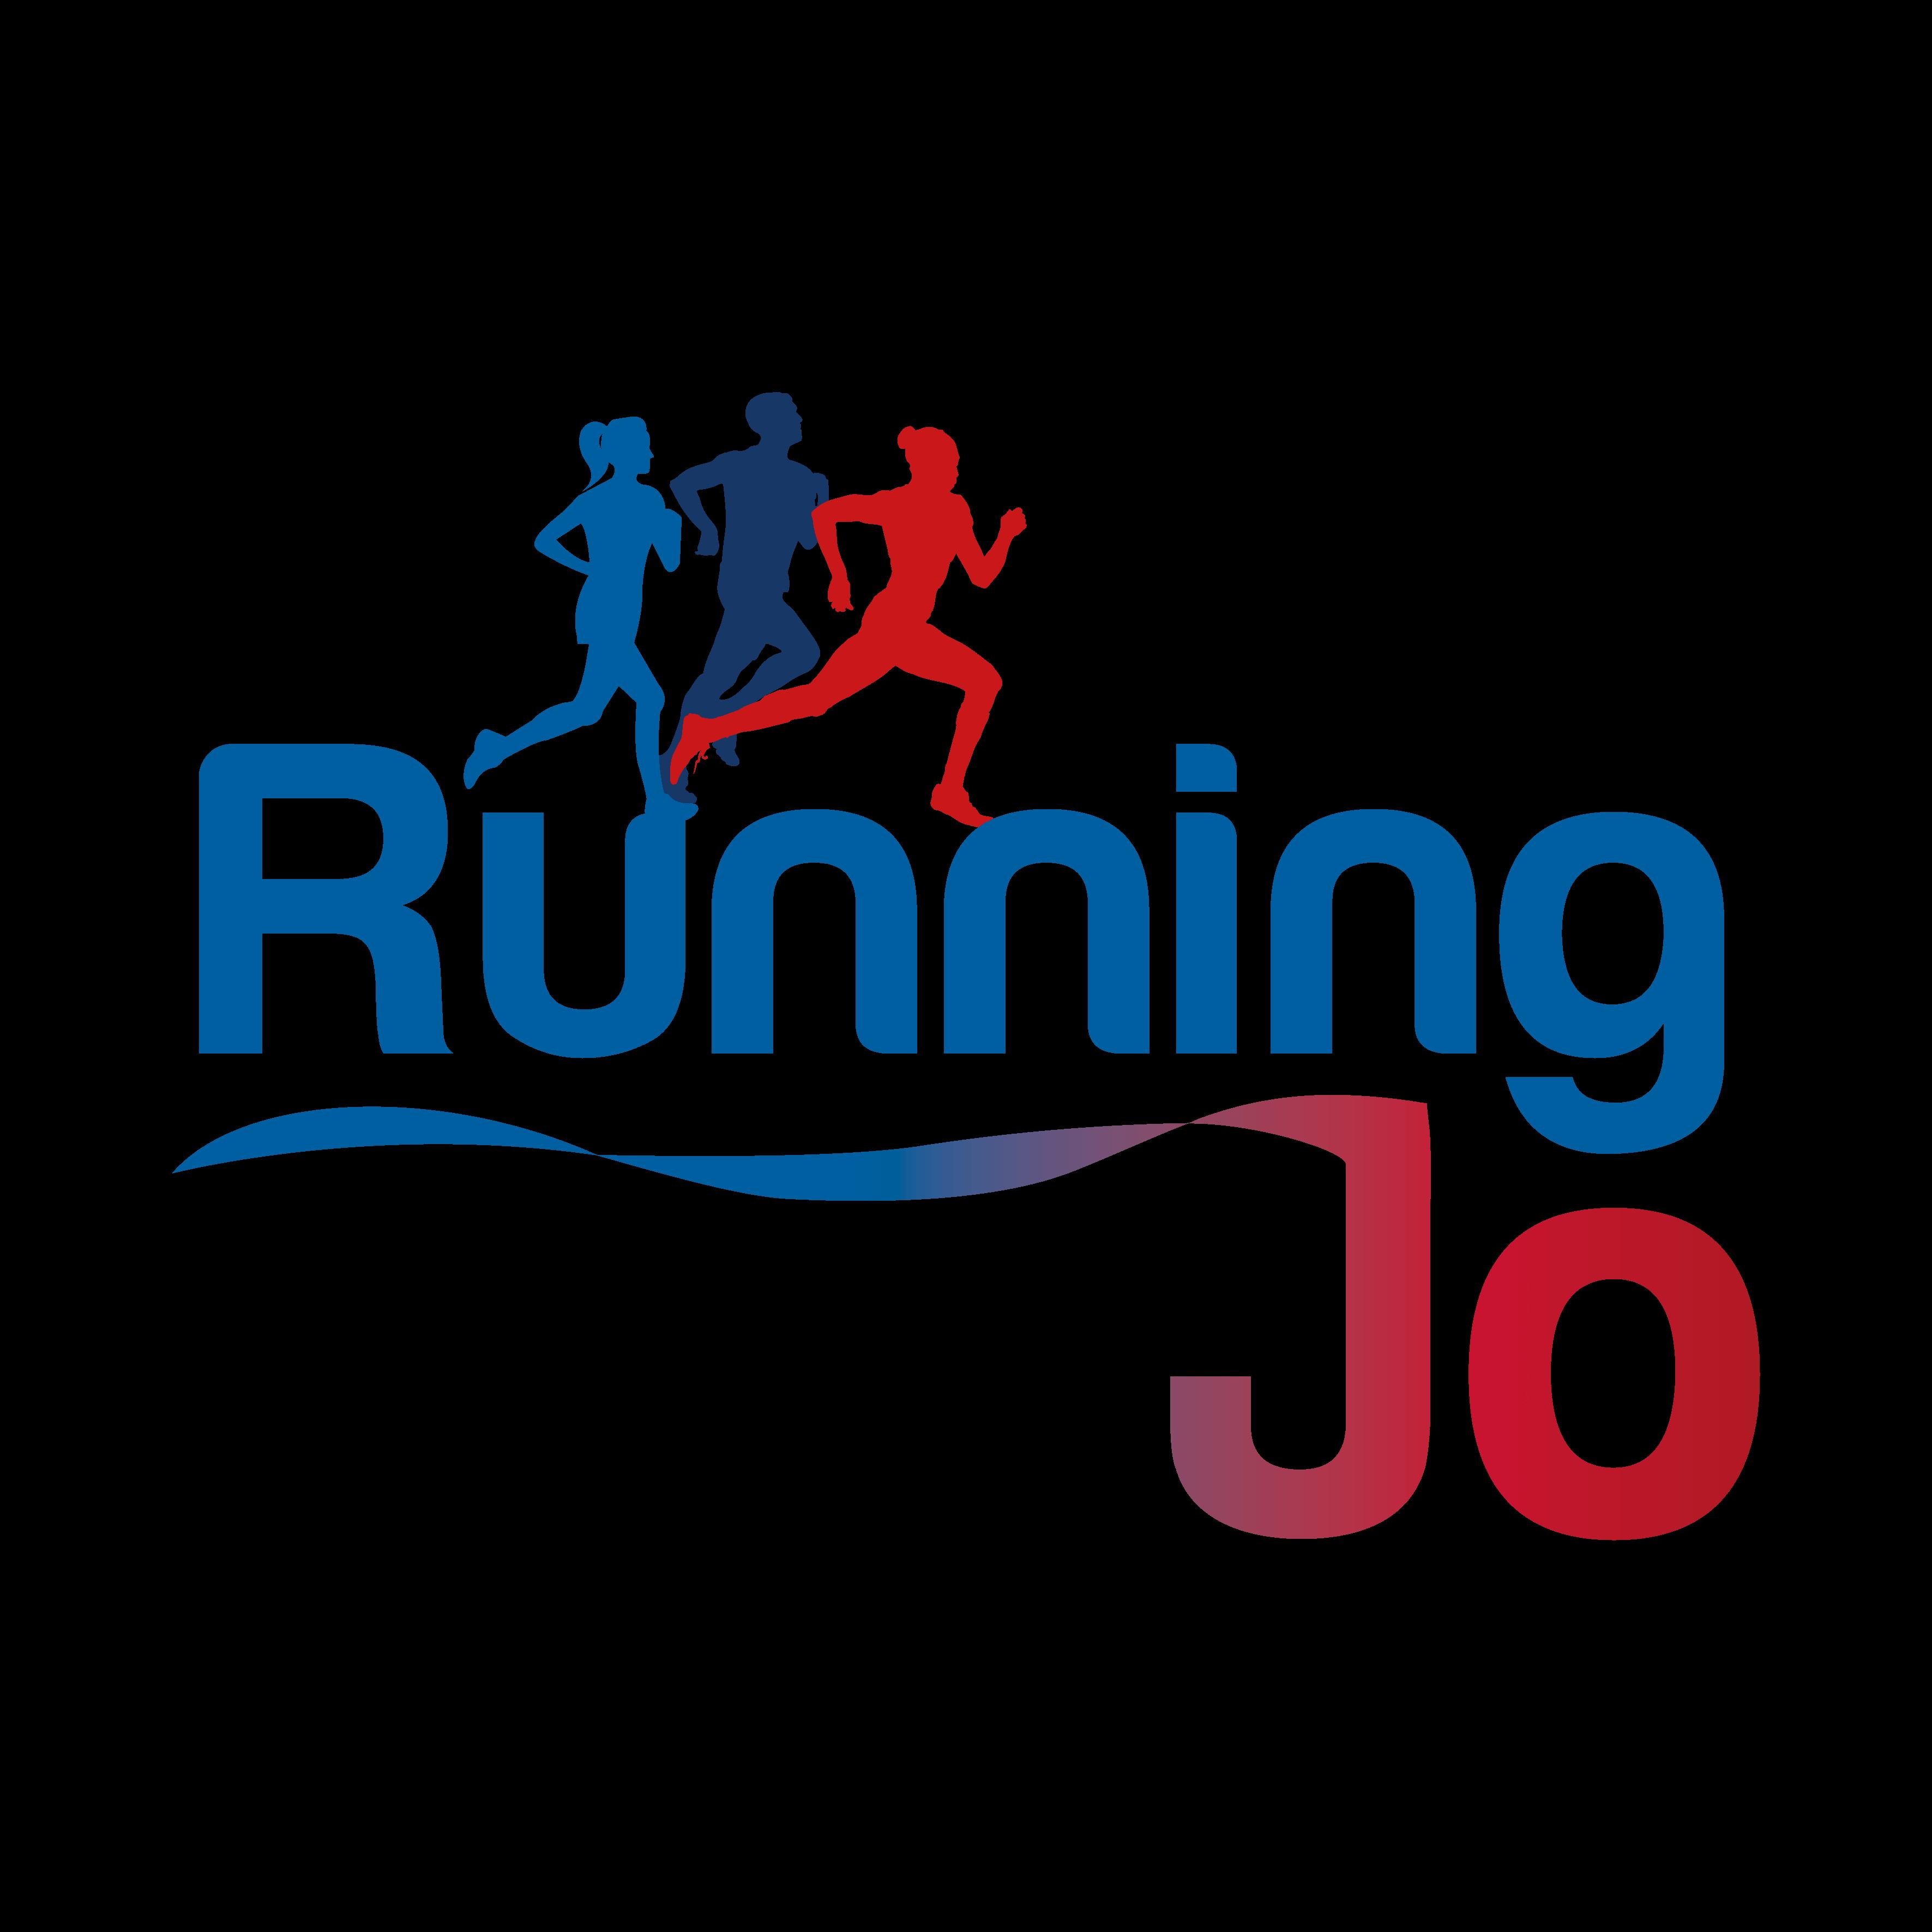 Running Jo